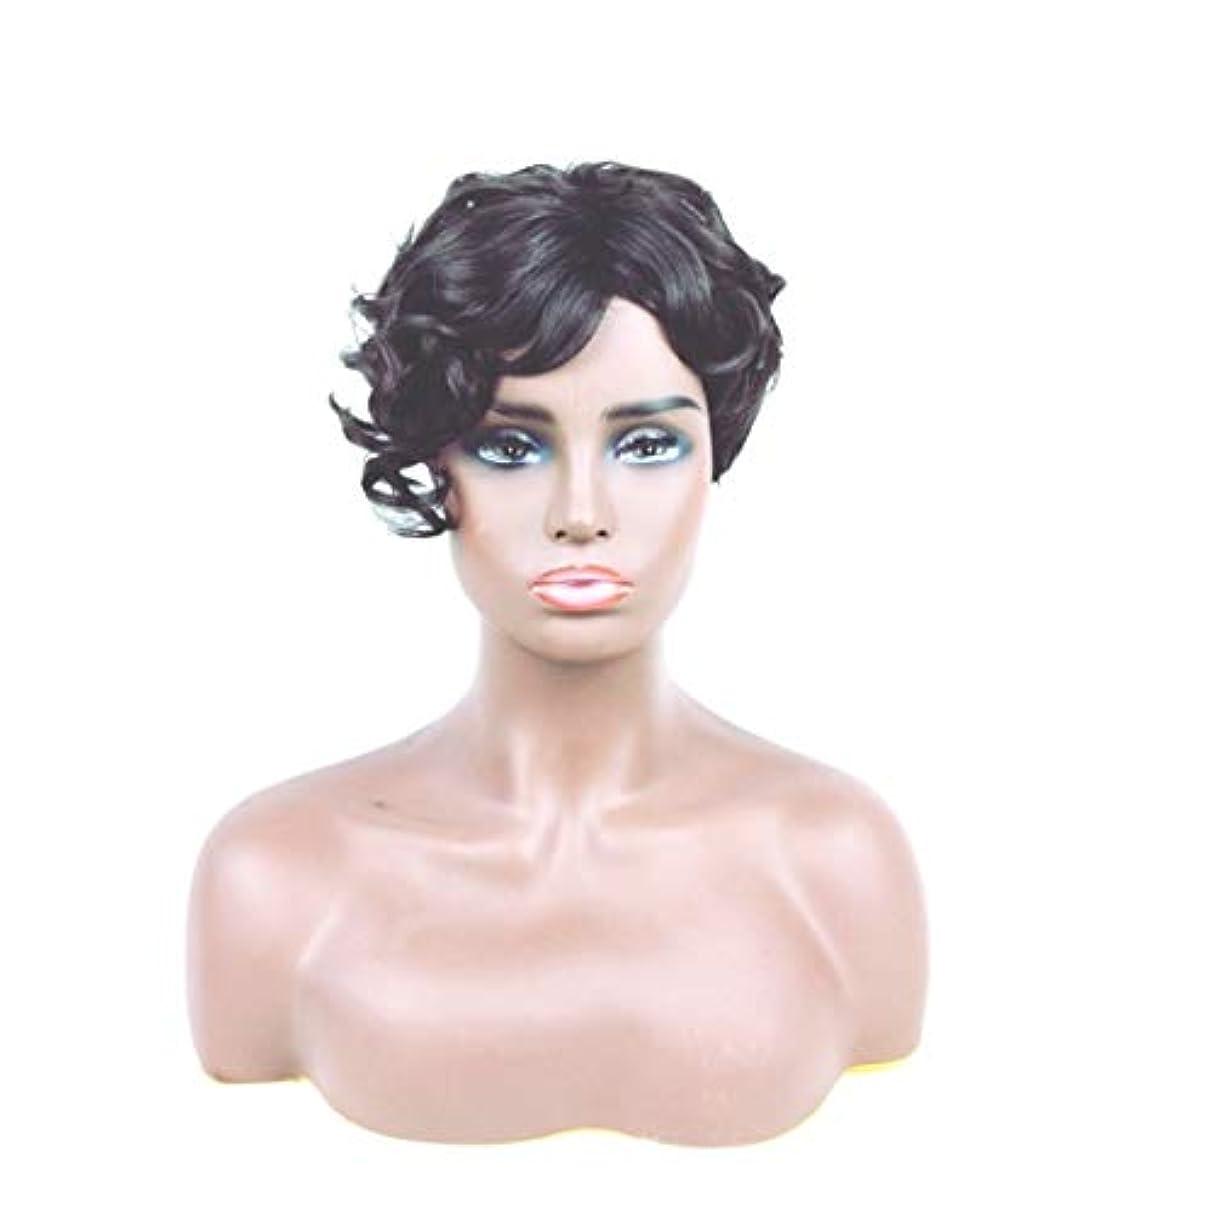 から聞くトランザクション綺麗なKerwinner ショートカーリーヘアウィッグ人工毛フルウィッグ自然に見える耐熱性女性用